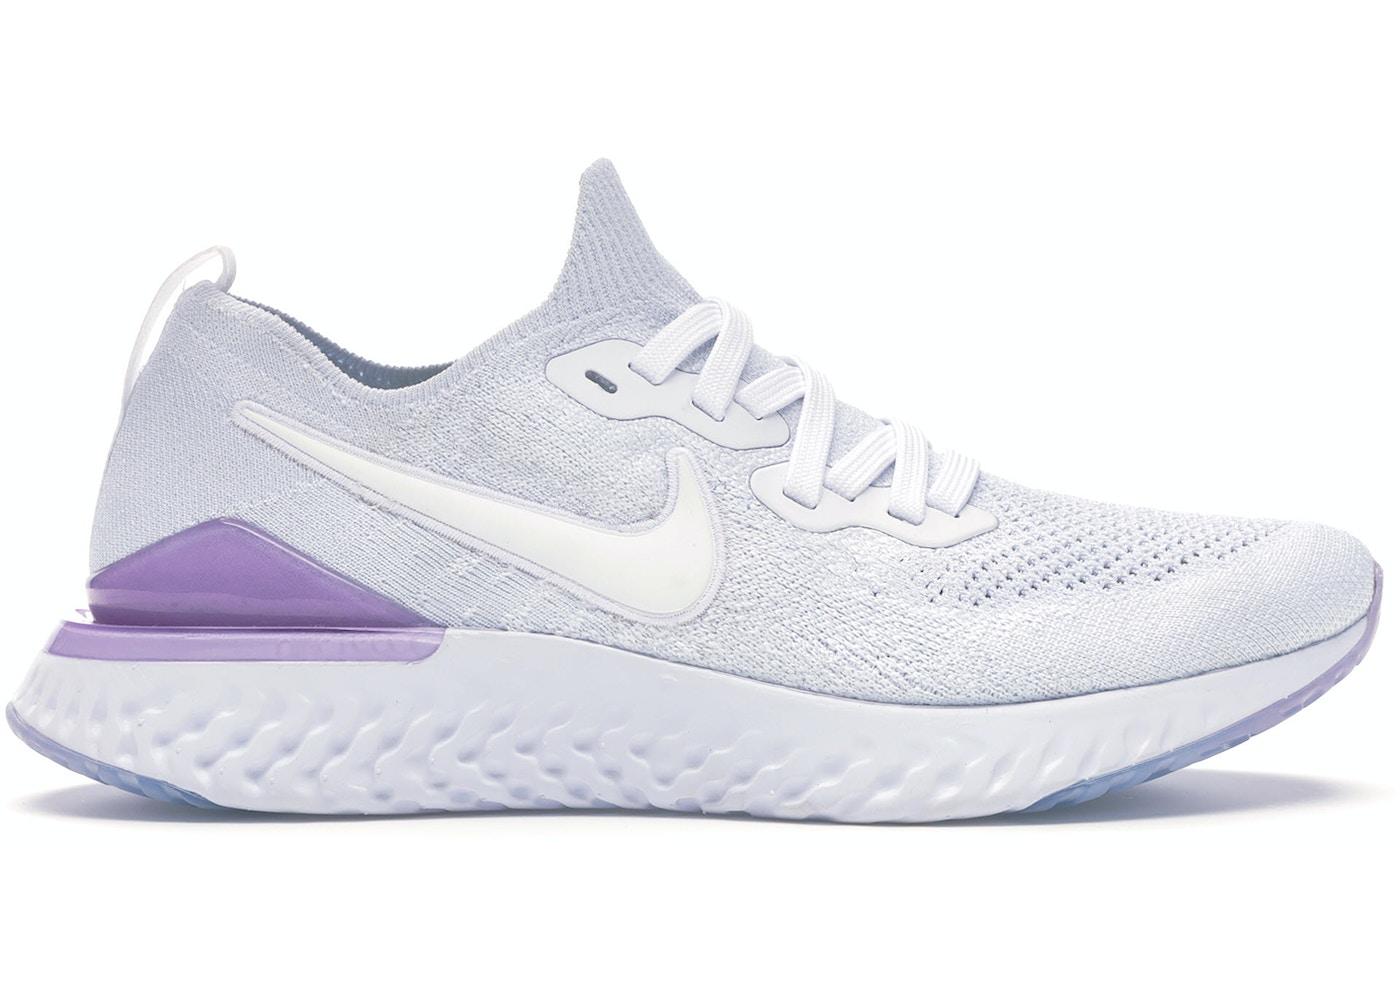 Nike Epic React Flyknit 2 White Pink Foam (W) - BQ8927-101